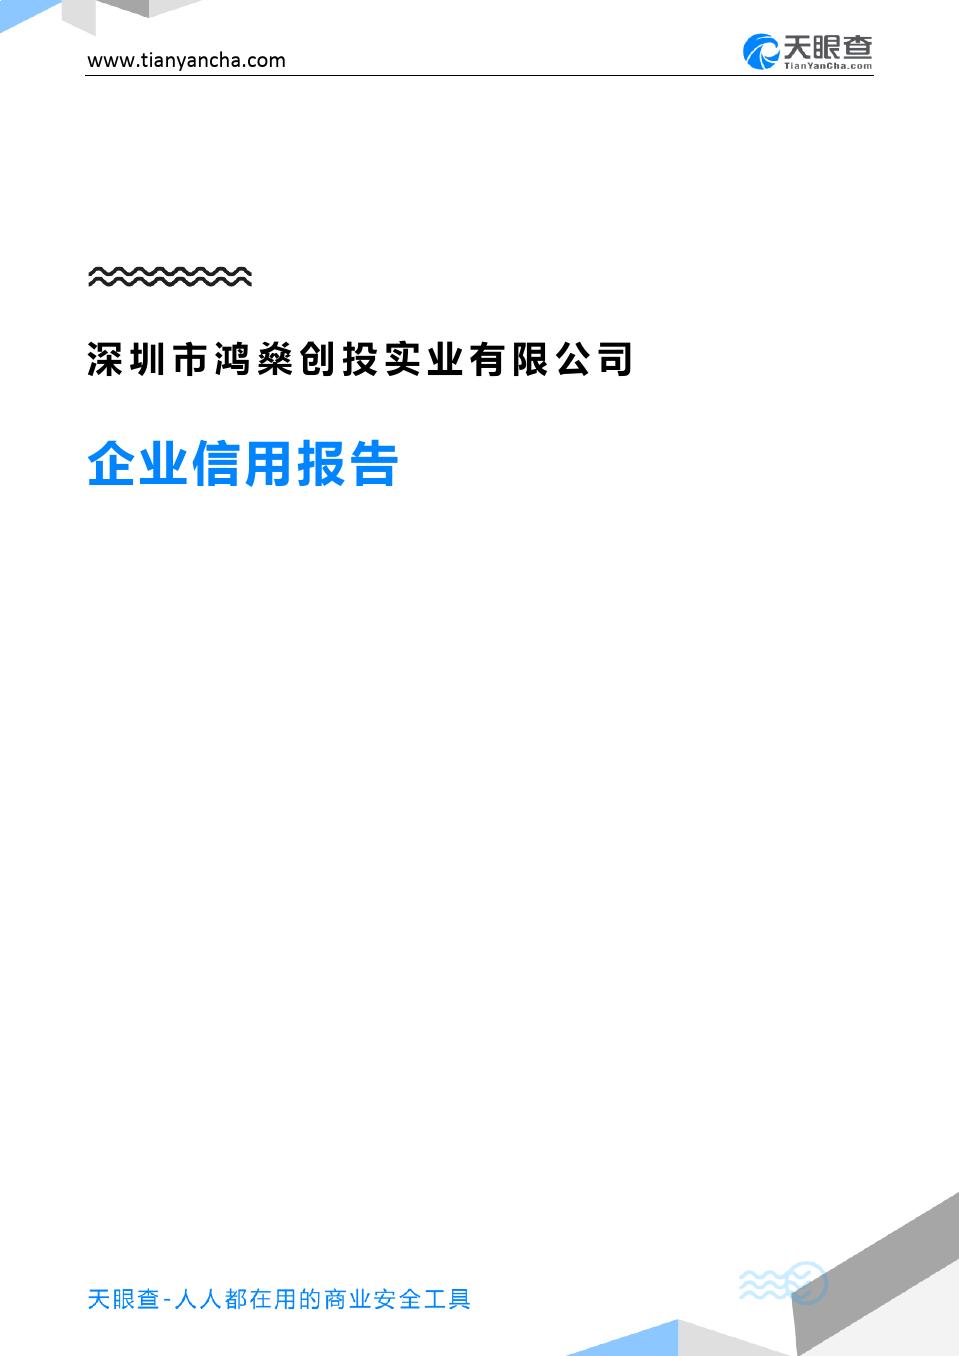 深圳市鸿�龃赐妒狄涤邢薰�司(企业信用报告)- 天眼查